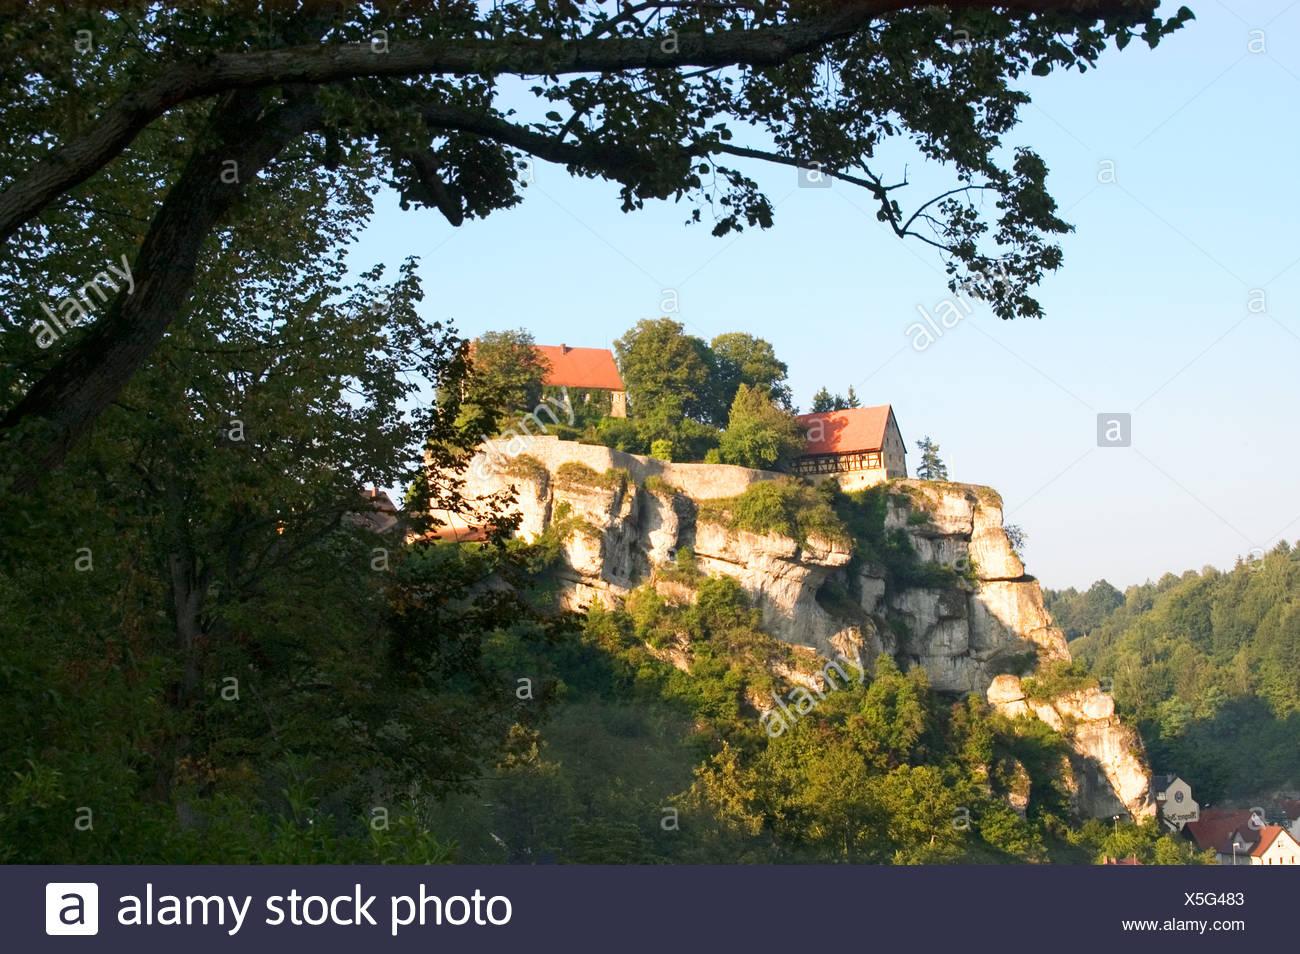 Pottenstein Kreis Bayreuth Oberfranken Bayern Deutschland Burg aus dem späten Mittelalter Potenstein district of Bayreuth Upper - Stock Image